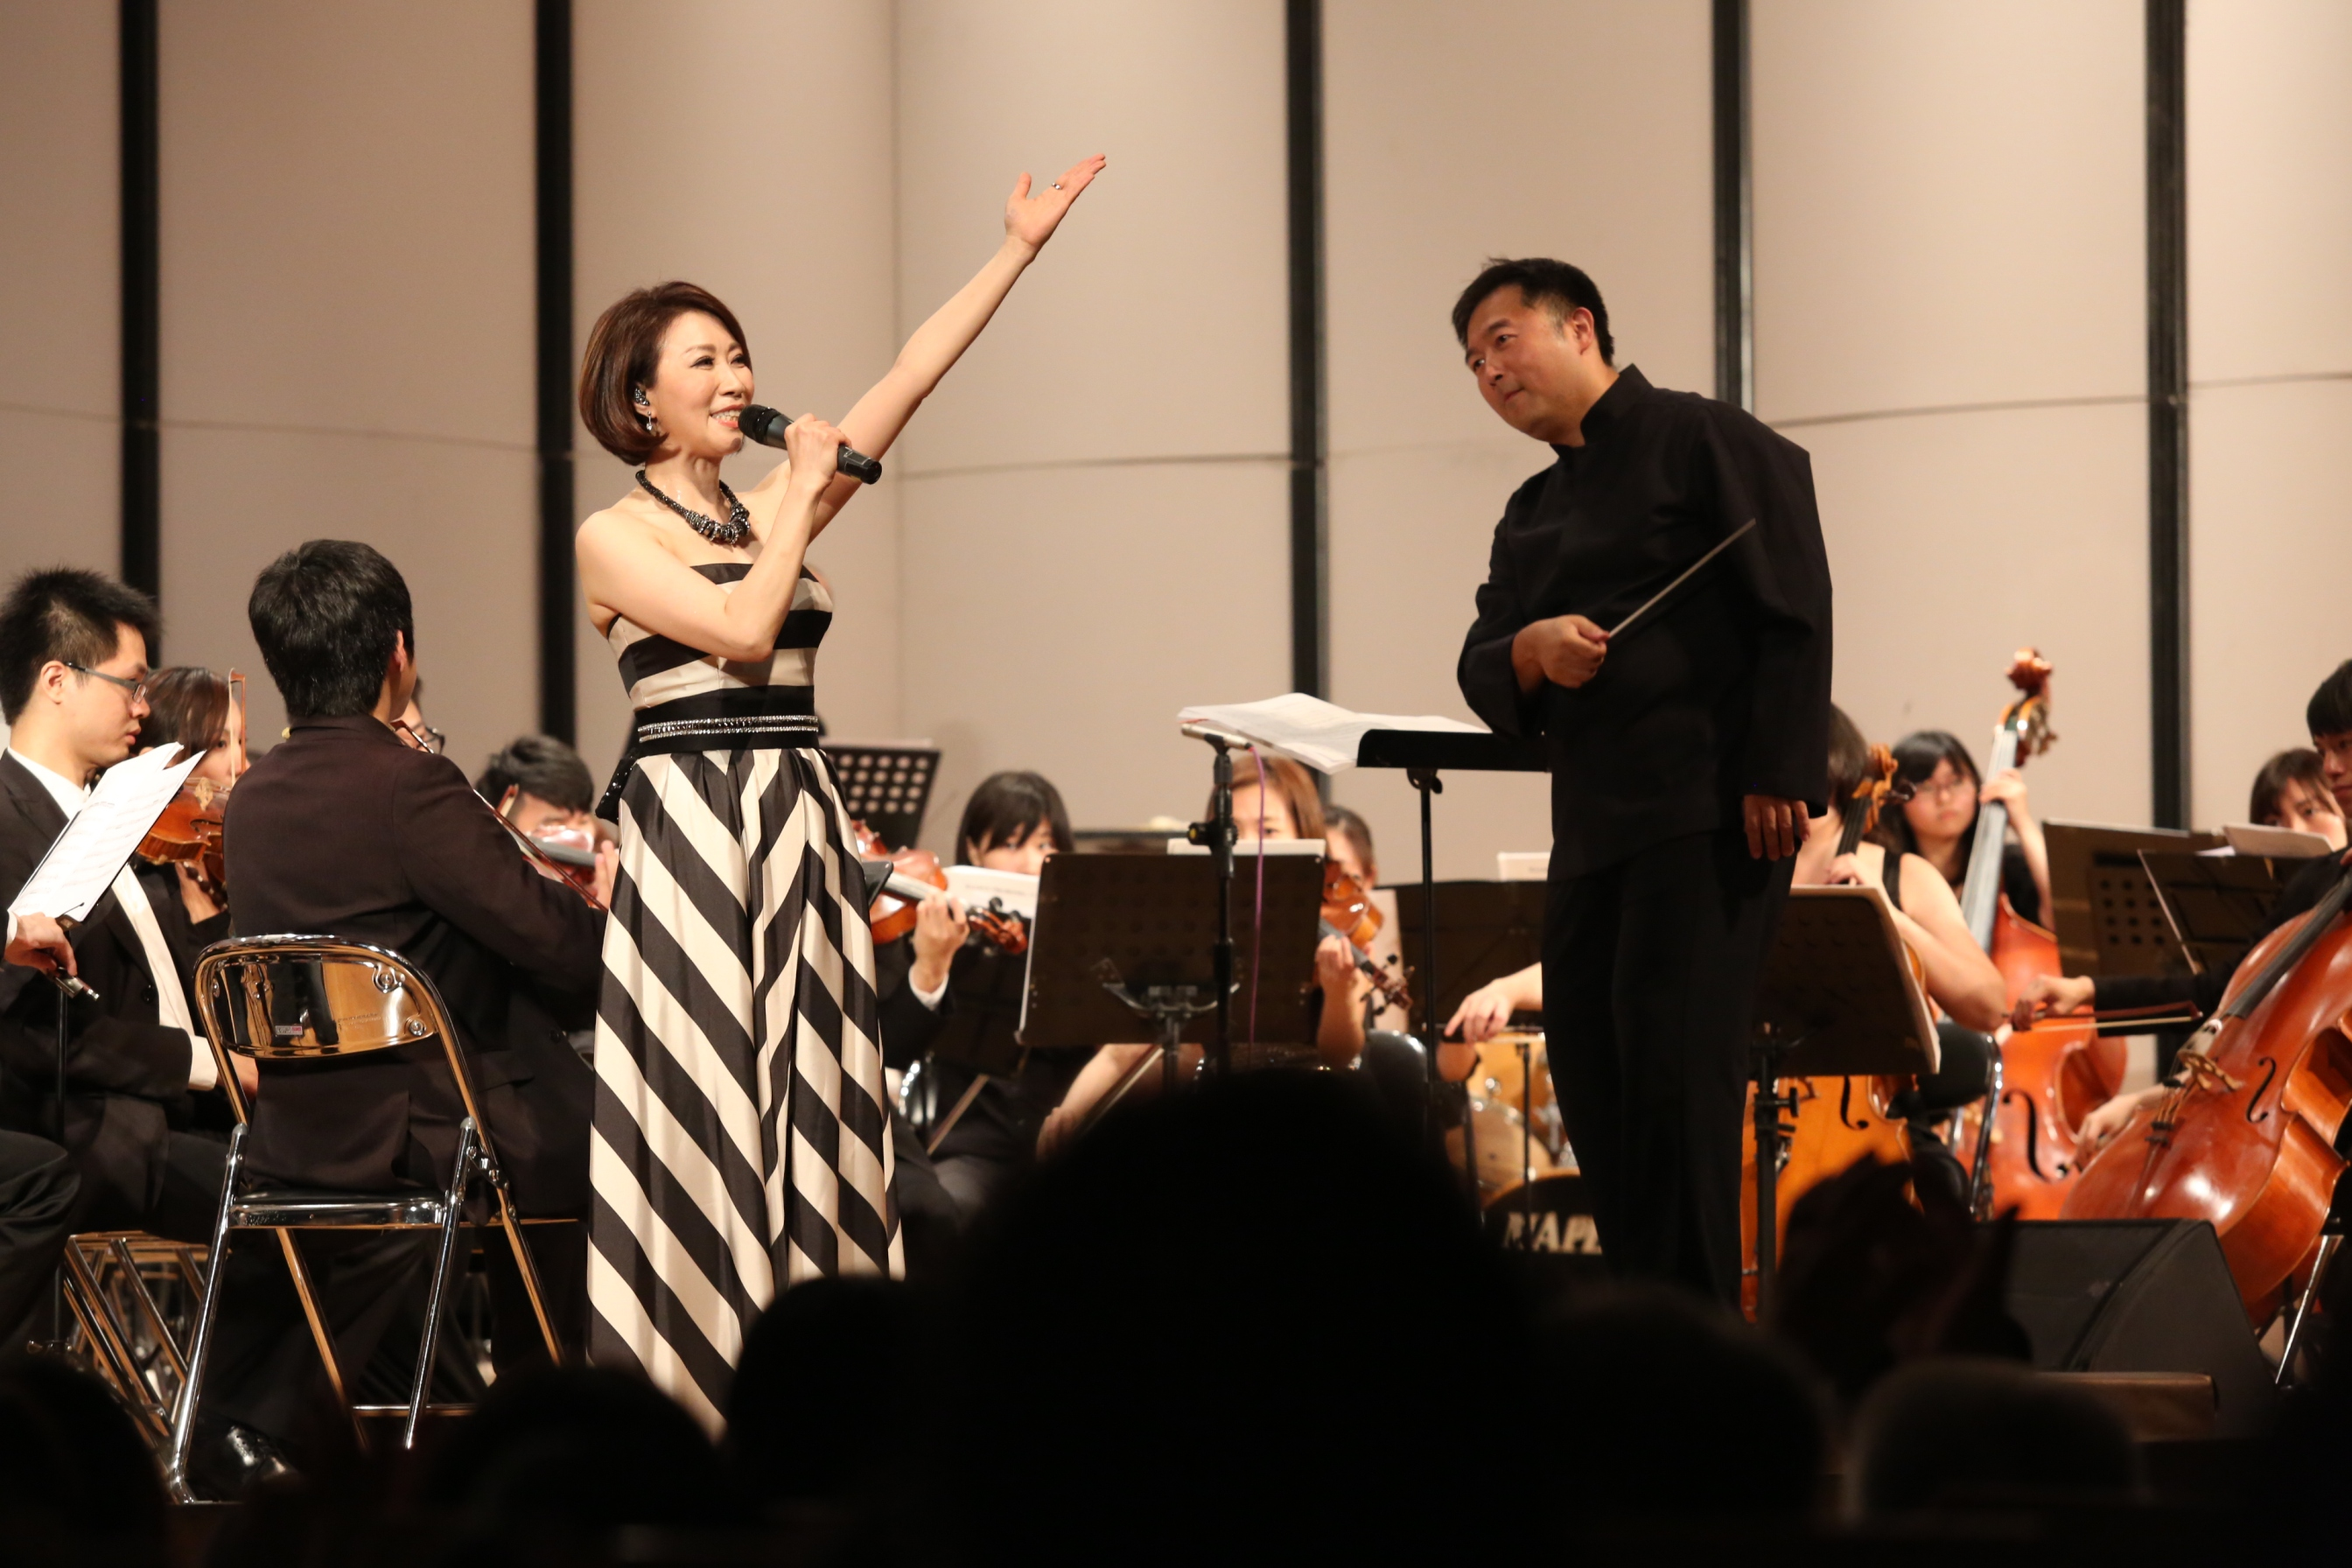 台灣人壽舉辦2015 My Hope音樂會「沁夏星光 交響奇緣」